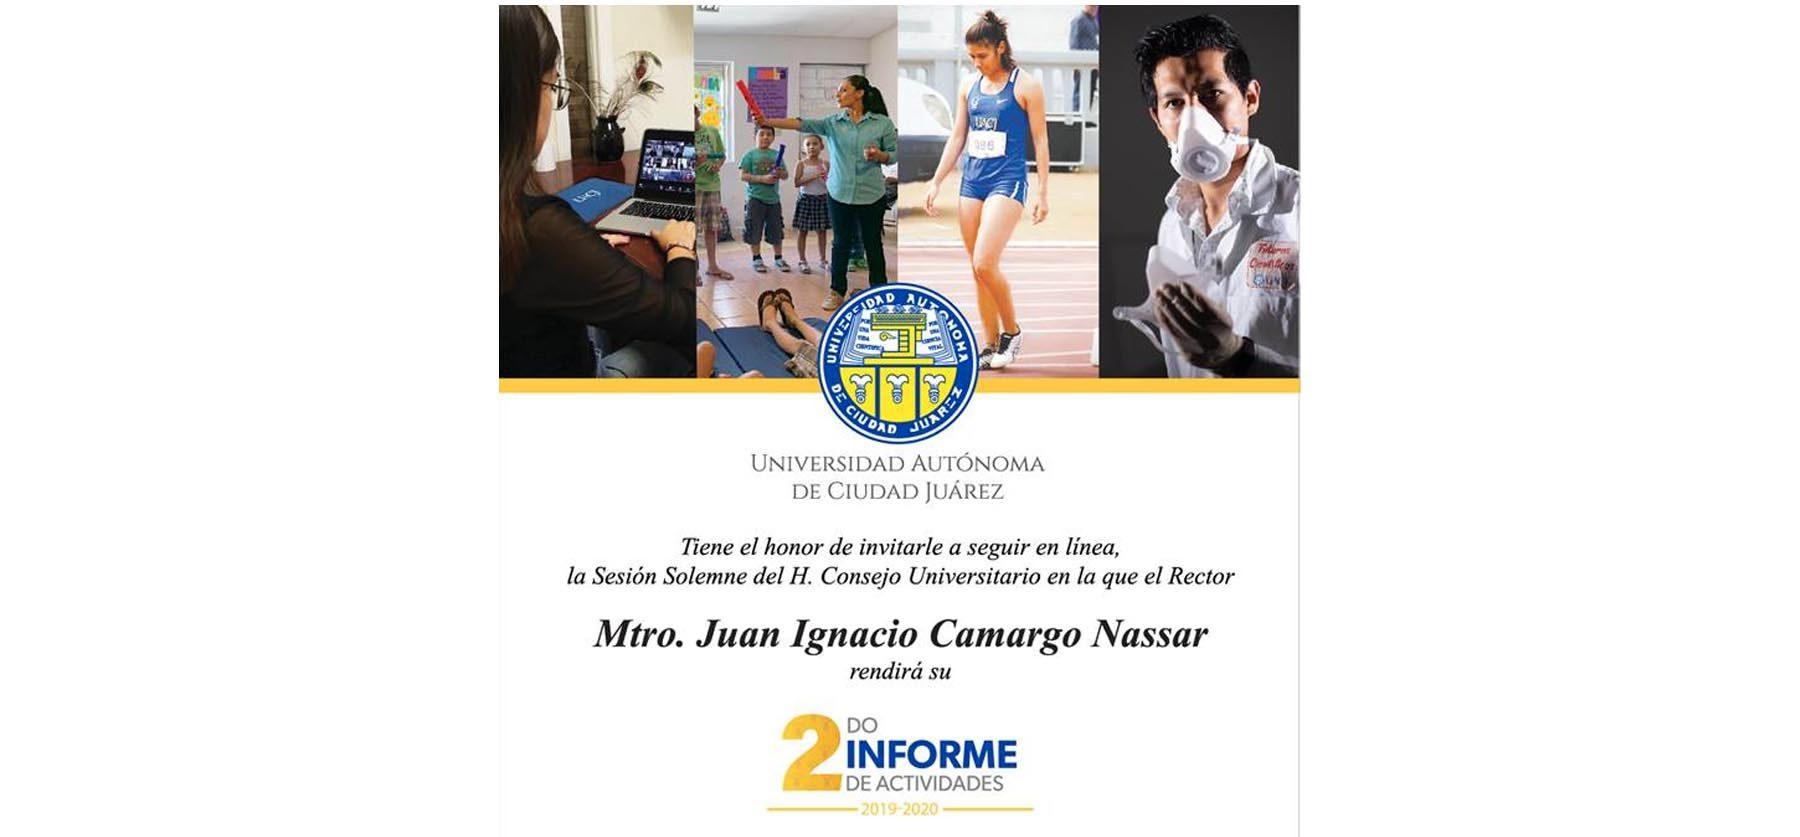 Invita la UACJ a seguir la transmisión del 2do. Informe de actividades